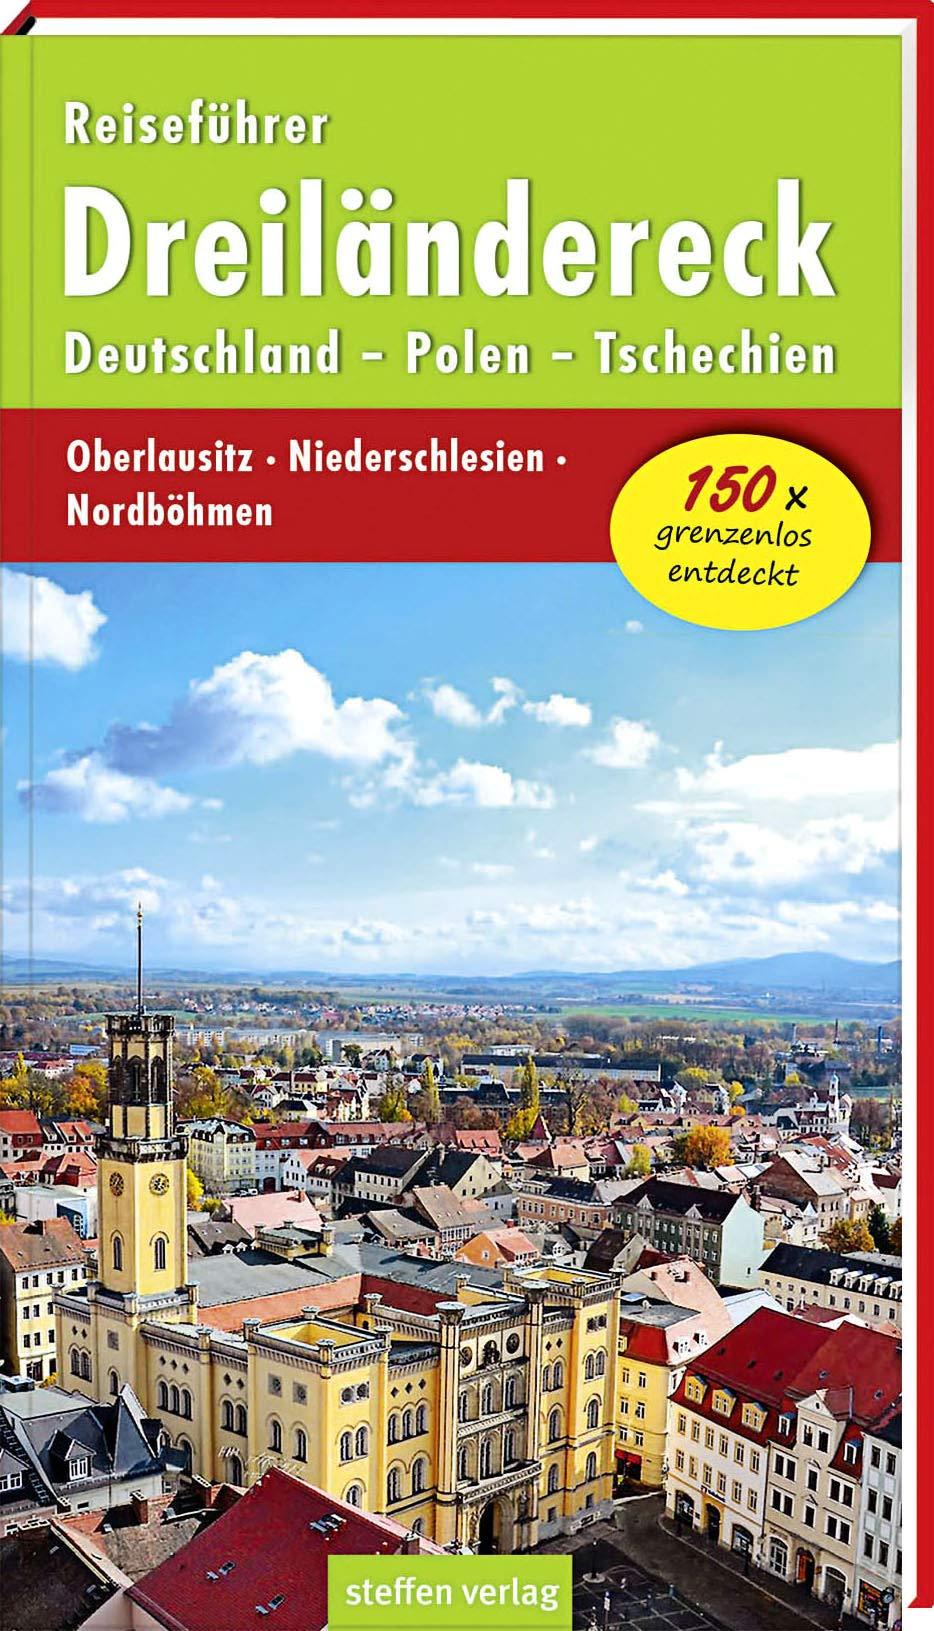 karte dreiländereck deutschland polen tschechien Reiseführer Dreiländereck Deutschland   Polen   Tschechien